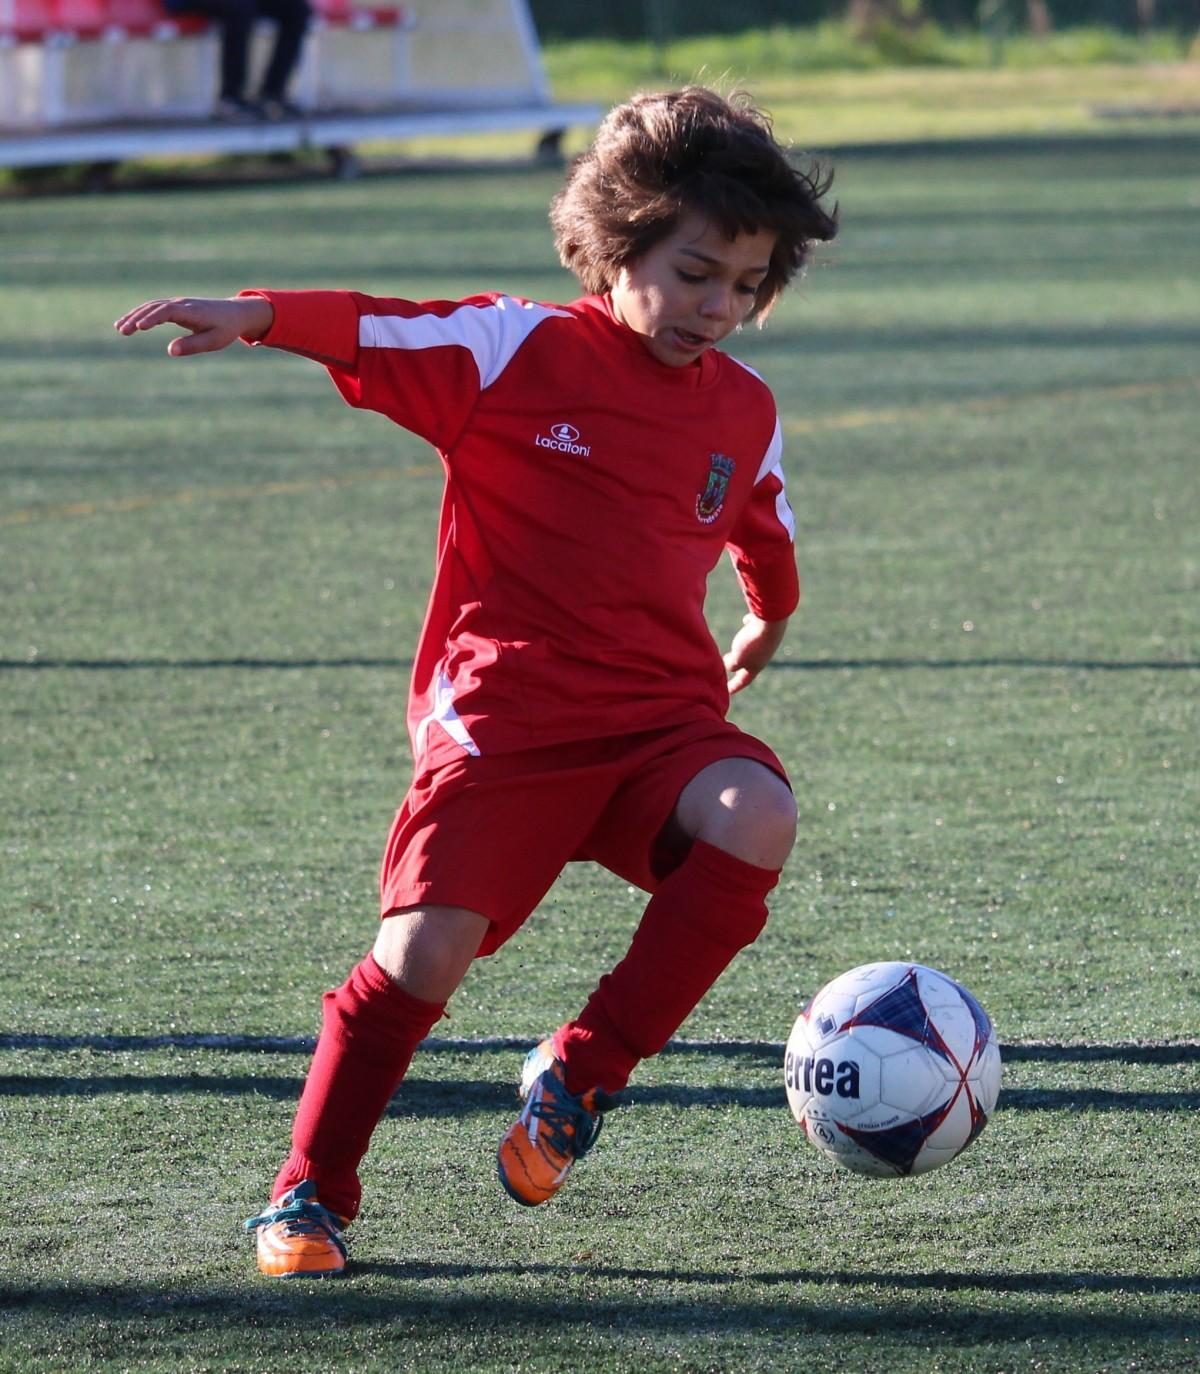 Ребенок и футбол фото